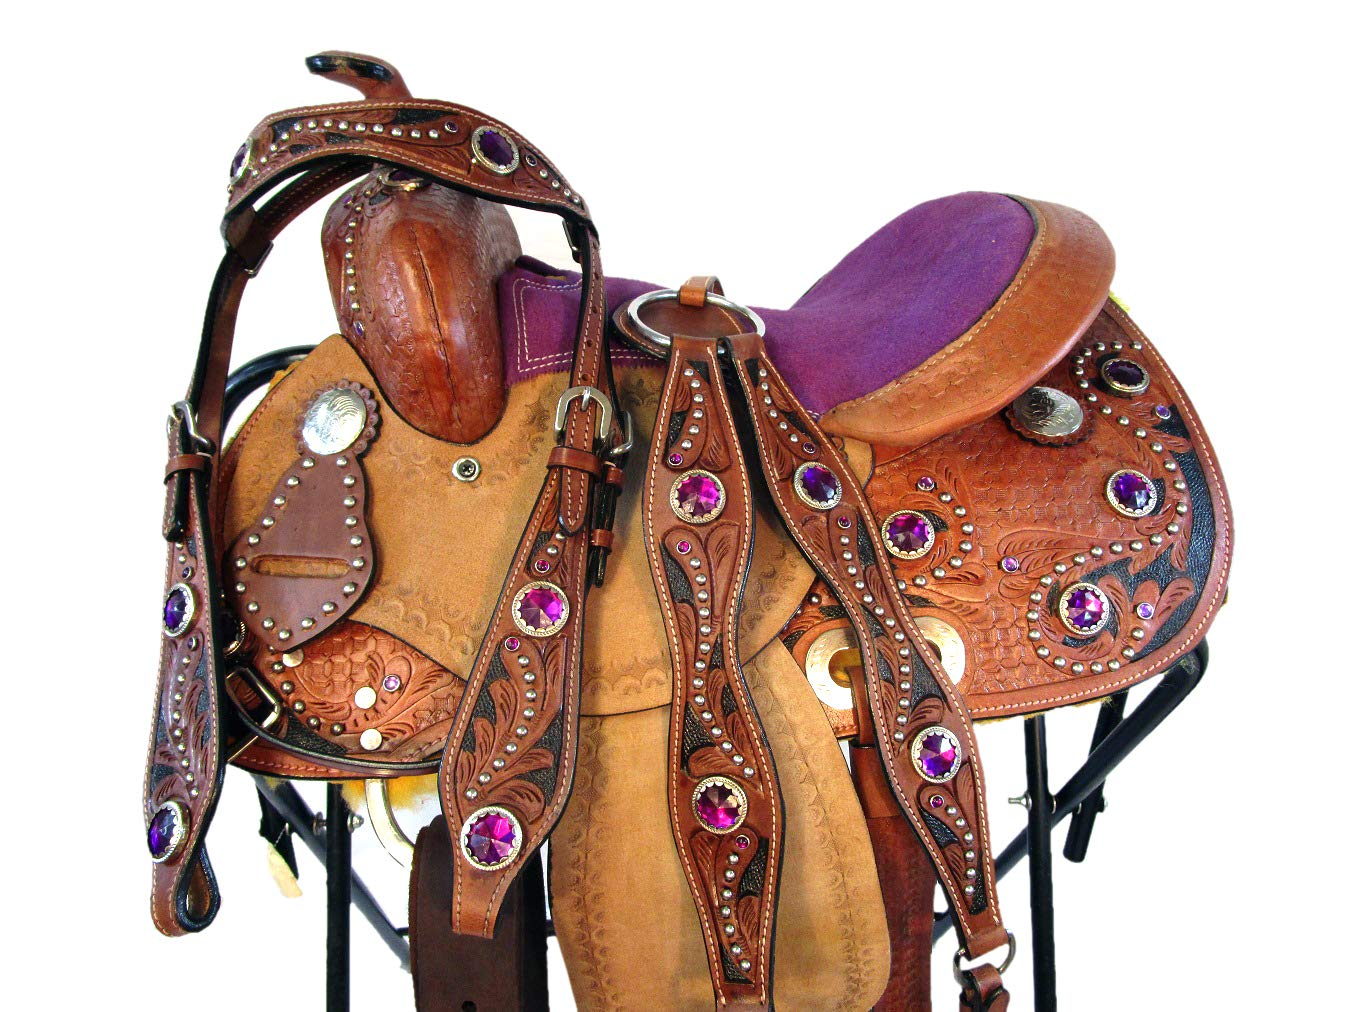 12 13 Ponyユースキッズ子Showパープルピンク子供キッズMini Trail PleasureレザーWestern Horseサドル( 13 ) 12  B072FL7SRK